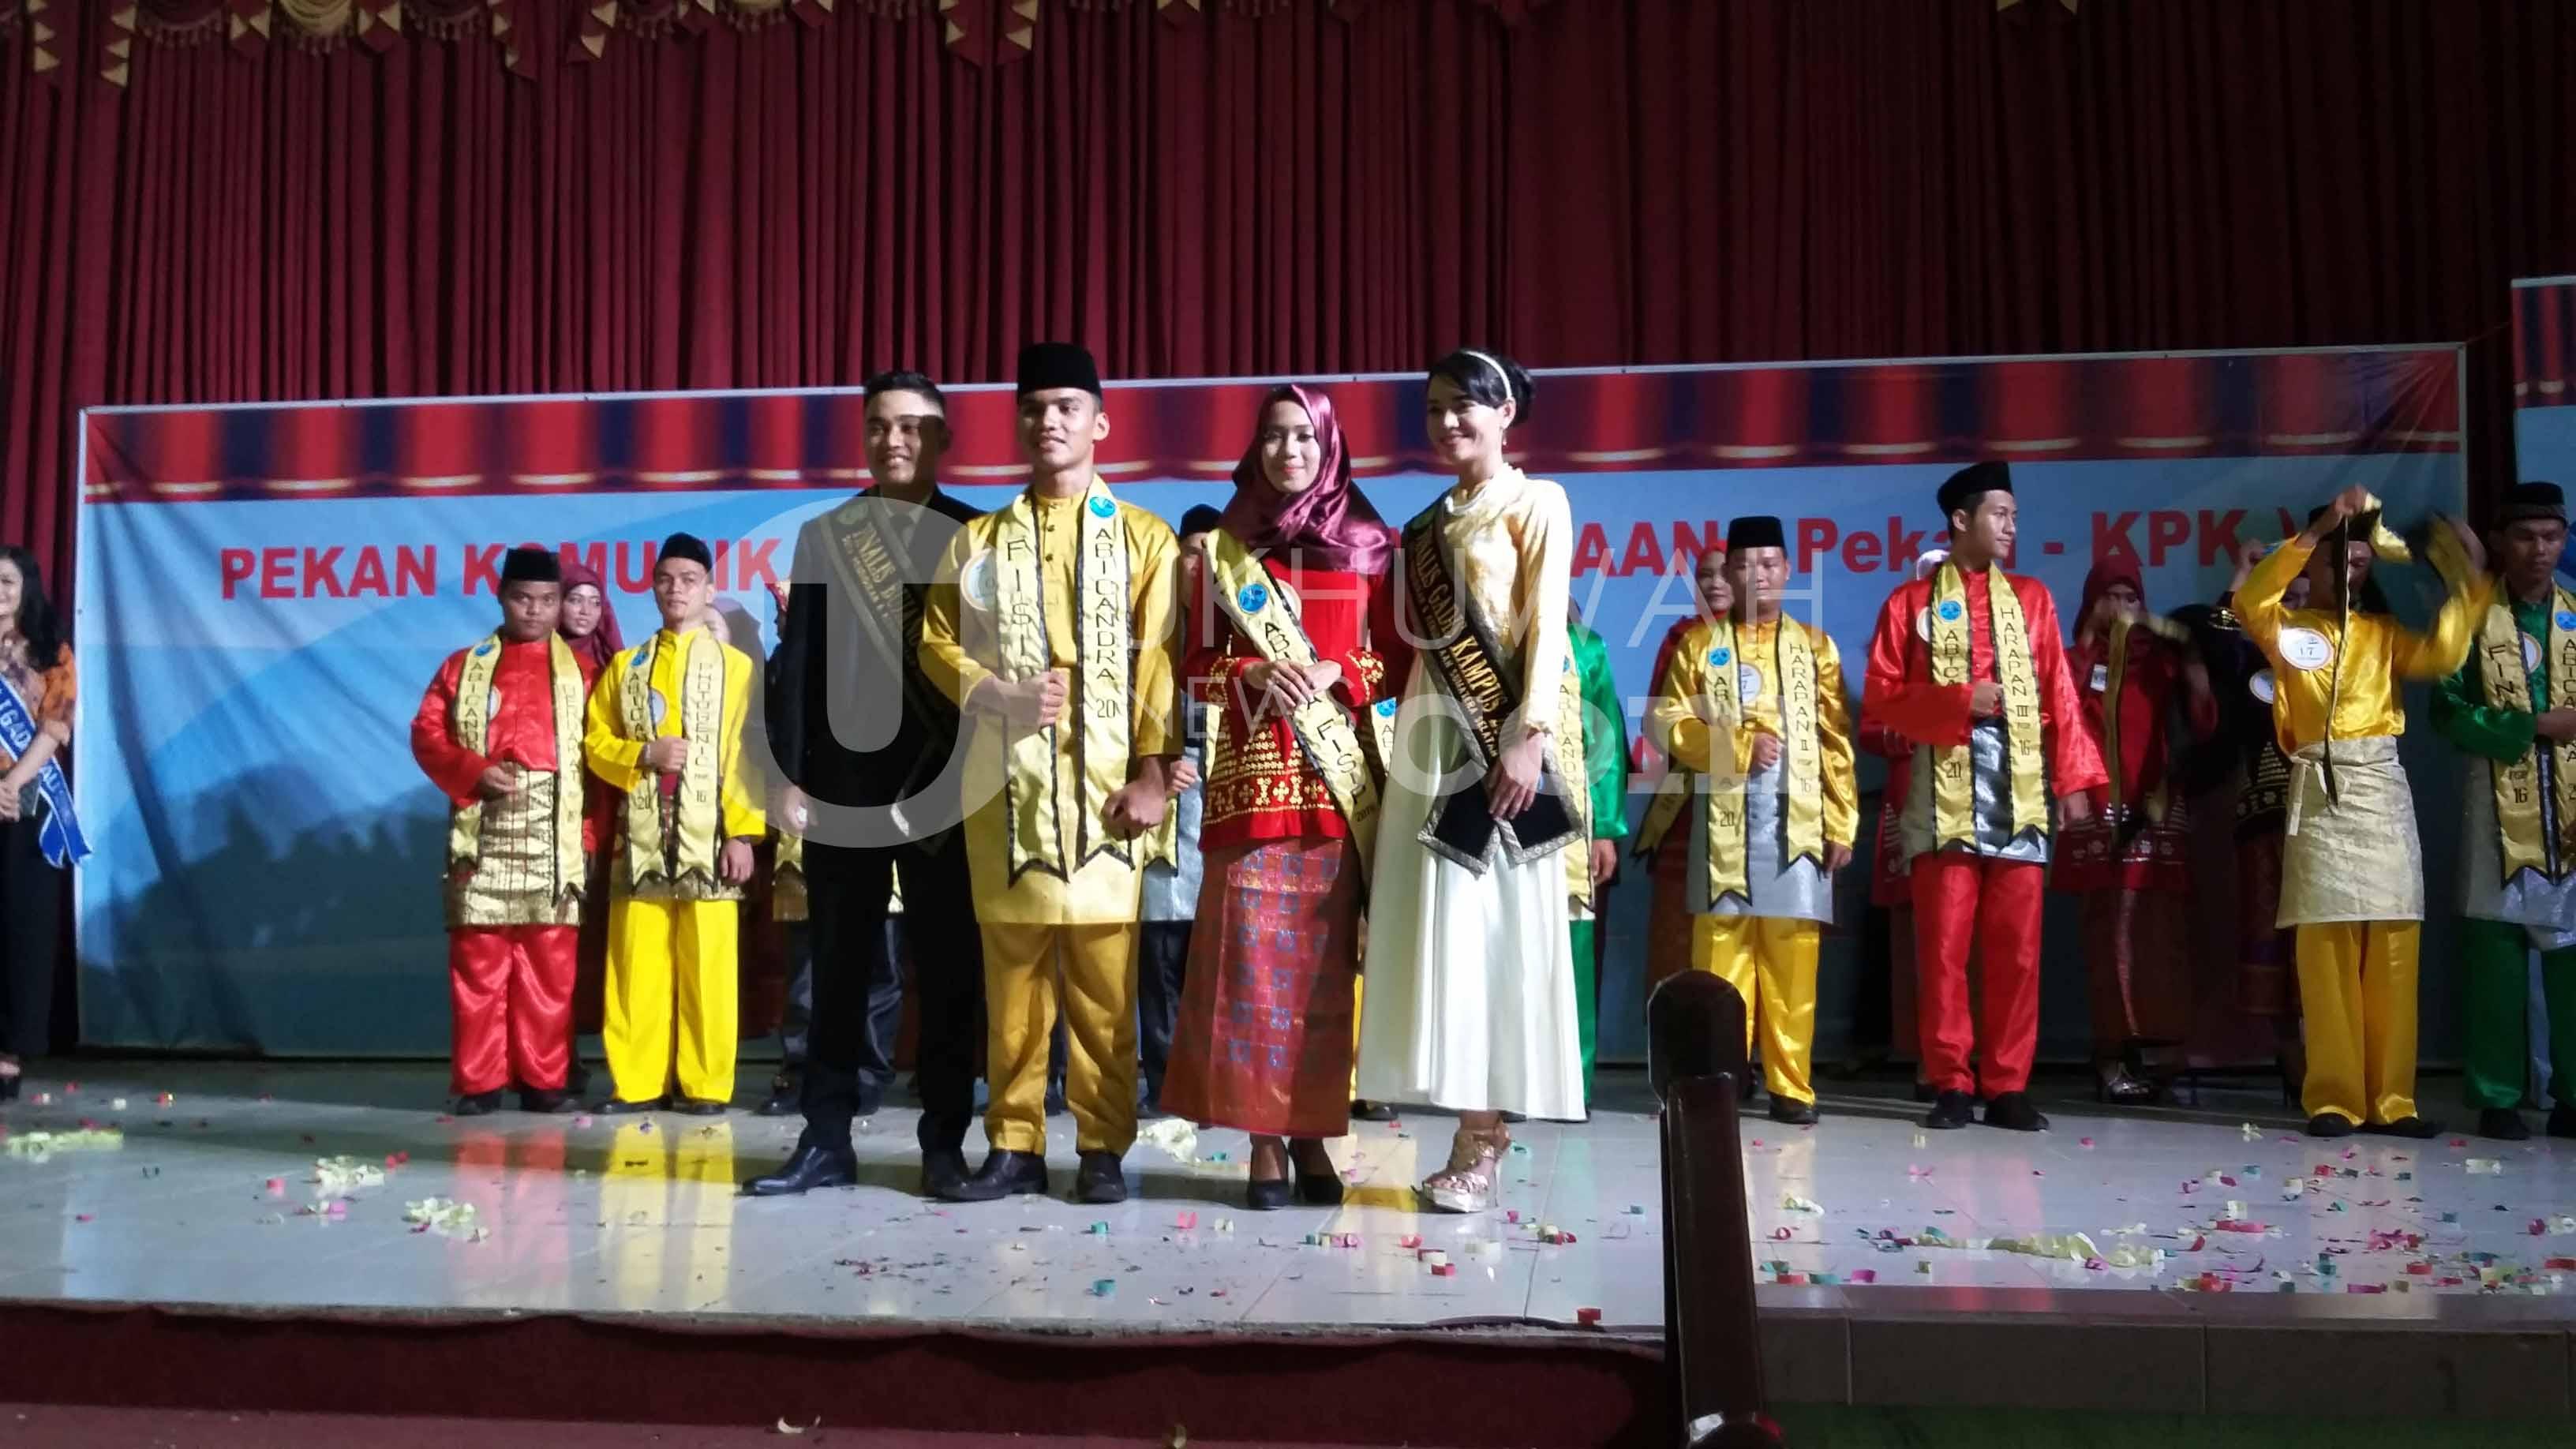 Pemenang- Milano Fajar Anugrah, terpilih sebagai Abicandra dan Faila Ulfa sebagai Abiasa dalam acara Pemilihan Abicandra dan Abiasa Kampus, pada Pekan Komunikasi Politik Kebangsaan (P-KPK) yang digelar oleh Fakultas Ilmu Sosial dan Ilmu Politik (FISIP), di Gedung Akademik Center (AC) Universitas Islam Negeri Raden Fatah (UIN RF) Palembang, Selasa (1/11).